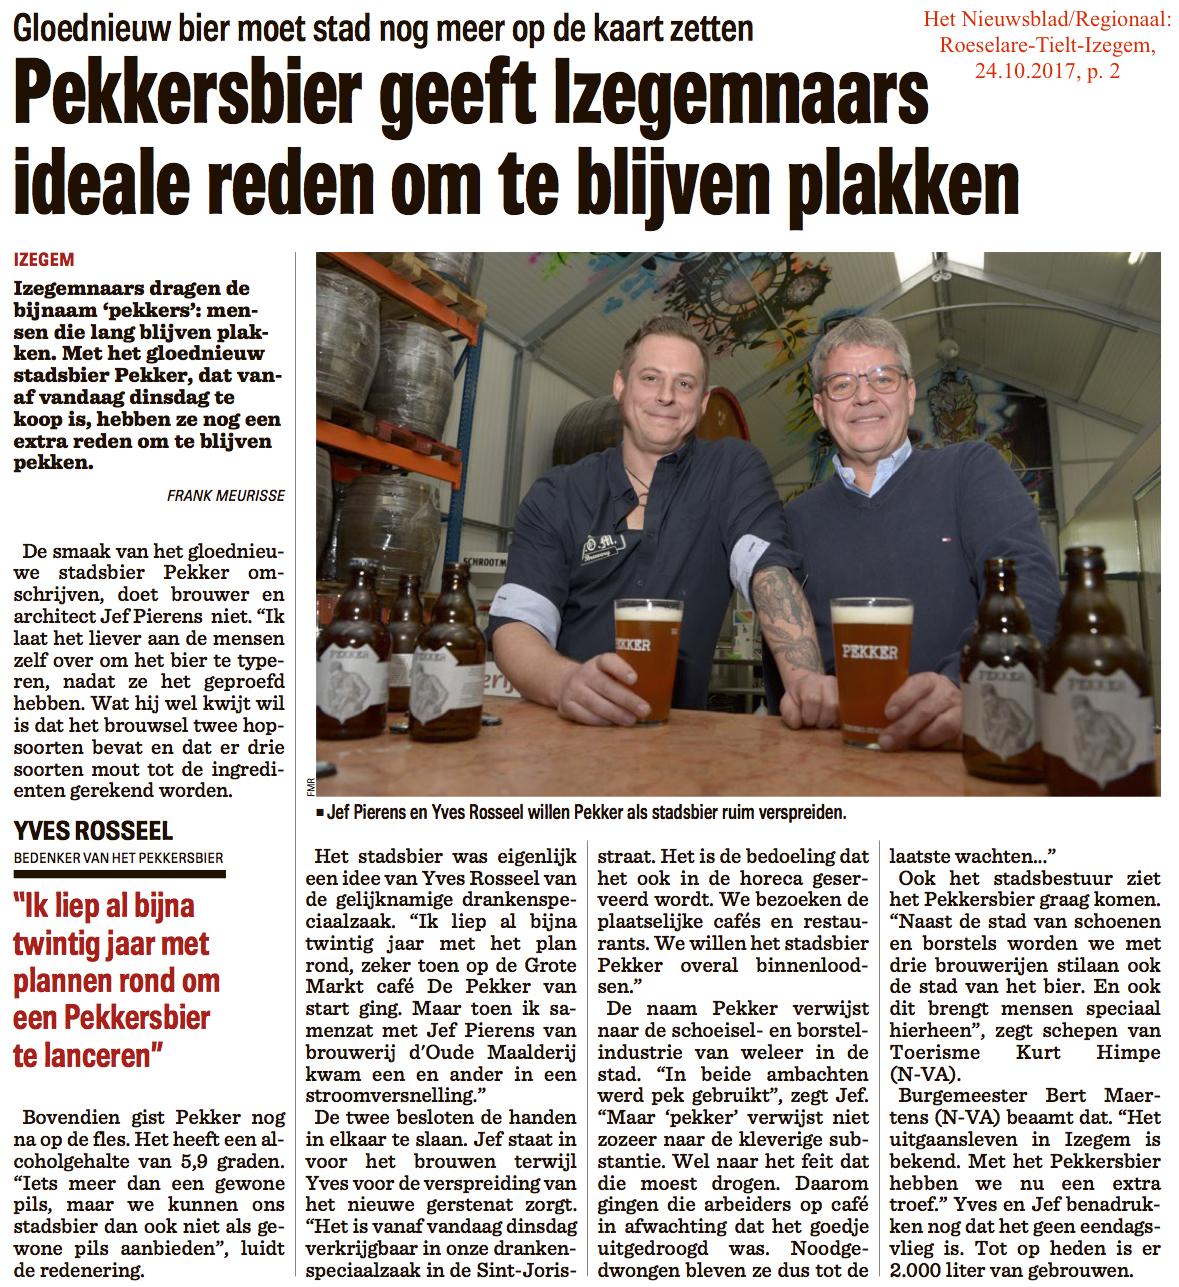 Het Nieuwsblad/Regionaal: Roeselare-Tielt-Izegem, 24.10.2017, p. 2